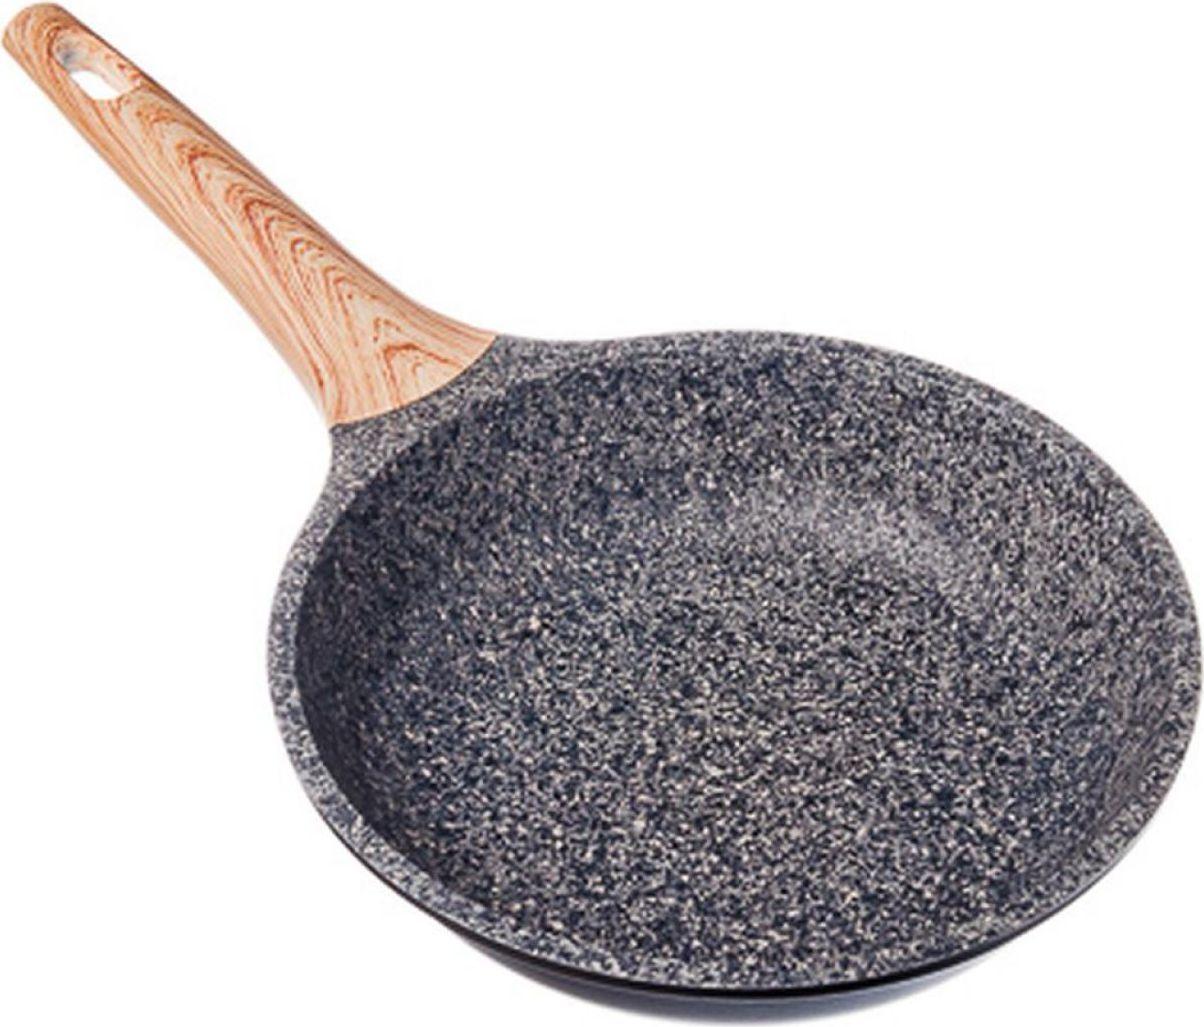 """Сковорода Славяна """"Алмаз"""" выполнена из высококачественного литого алюминия с двухслойным антипригарным гранитным покрытием серого цвета. """"Каменное"""" покрытие обладает повышенной прочностью и будет сохранять антипригарные свойства долгое время. Удобная ручка с противоскользящим покрытием не даст сковороде соскользнуть или перевернуться во время использования. На """"каменном"""" покрытии отлично сохраняются натуральные вкус и аромат продуктов. Возможность готовить без масла сделает вашу кухню более здоровой и натуральной. Сковороду можно использовать на всех типах плит, включая индукционные."""